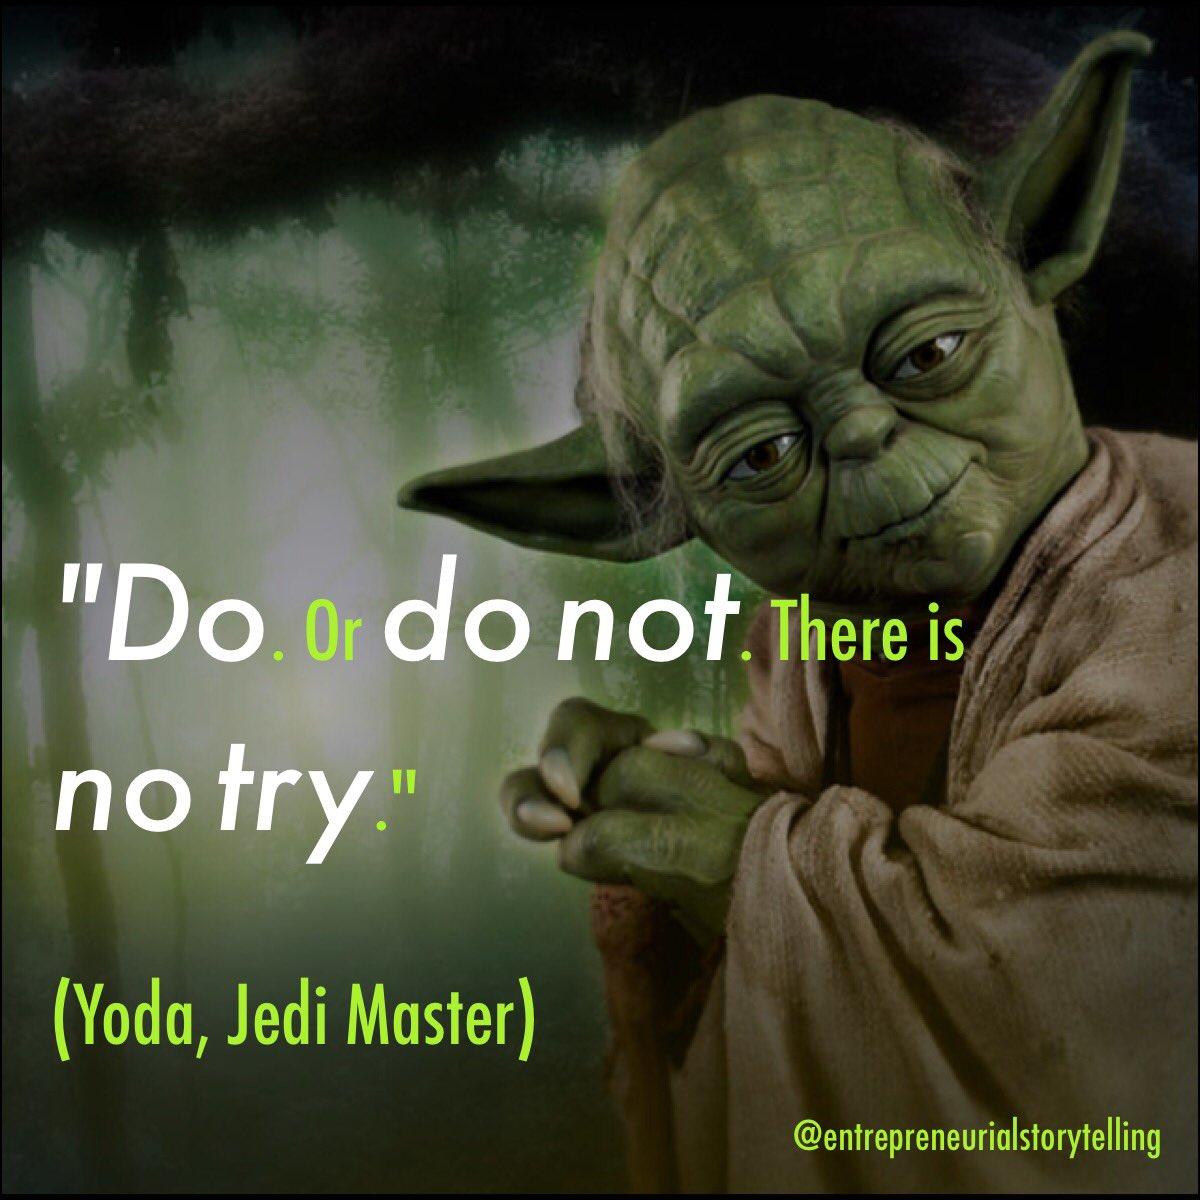 Joda Zitate Geburtstagssprüche Meister Yoda 2019 03 16